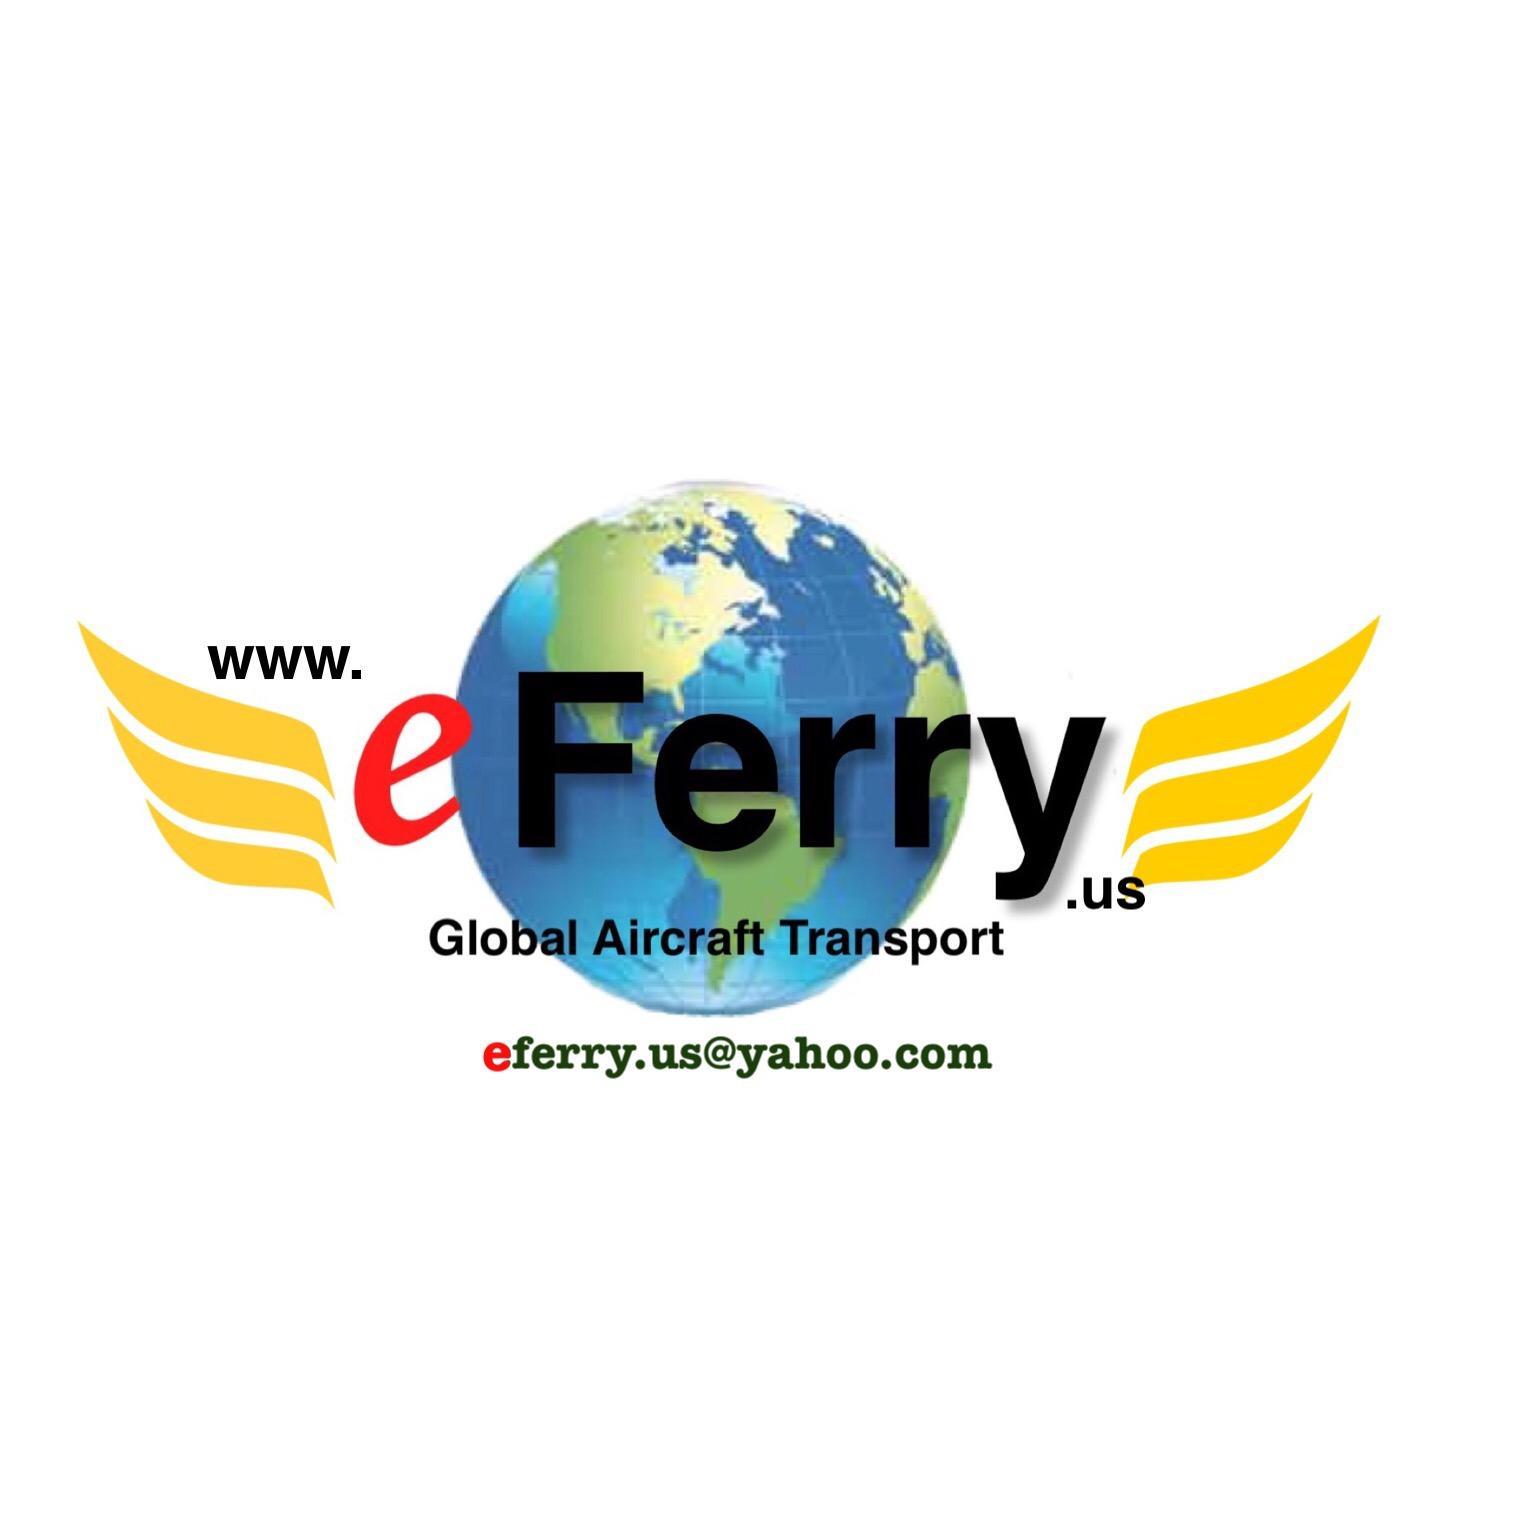 eFerry